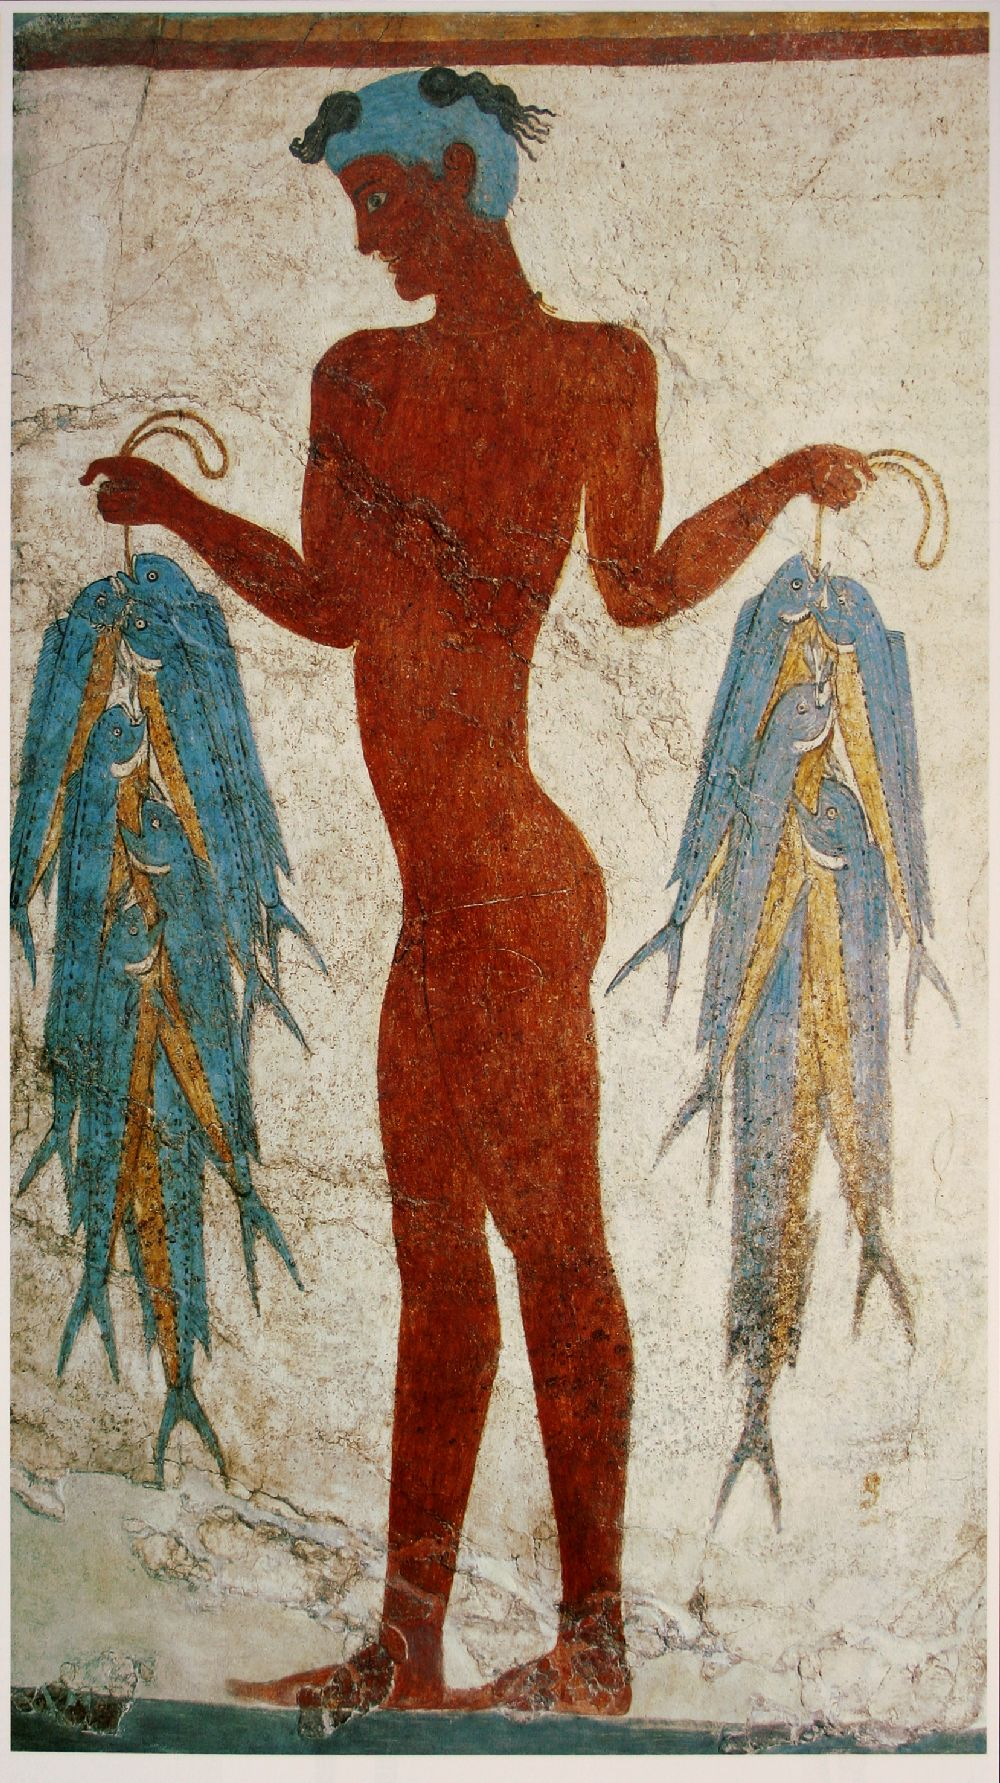 Ein Nachter Junge mit roter Haut und einem Loorbeerkranz der in jeder Hand ein Bündel mit ganz vielen Fischen hält